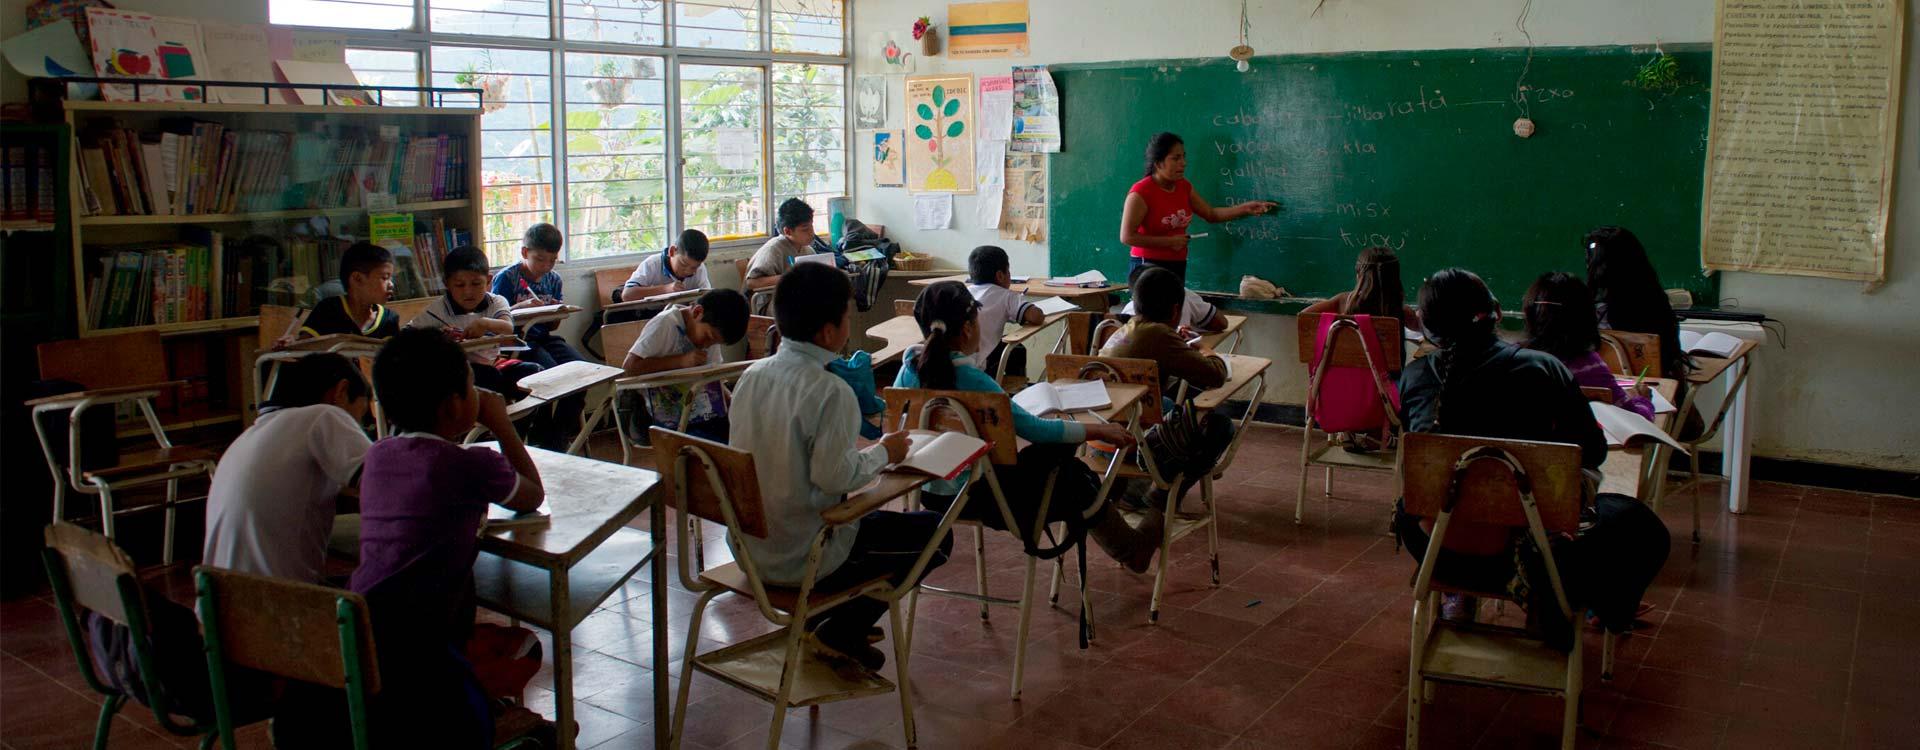 Imagen salón de clases escuela primaria en Colombia